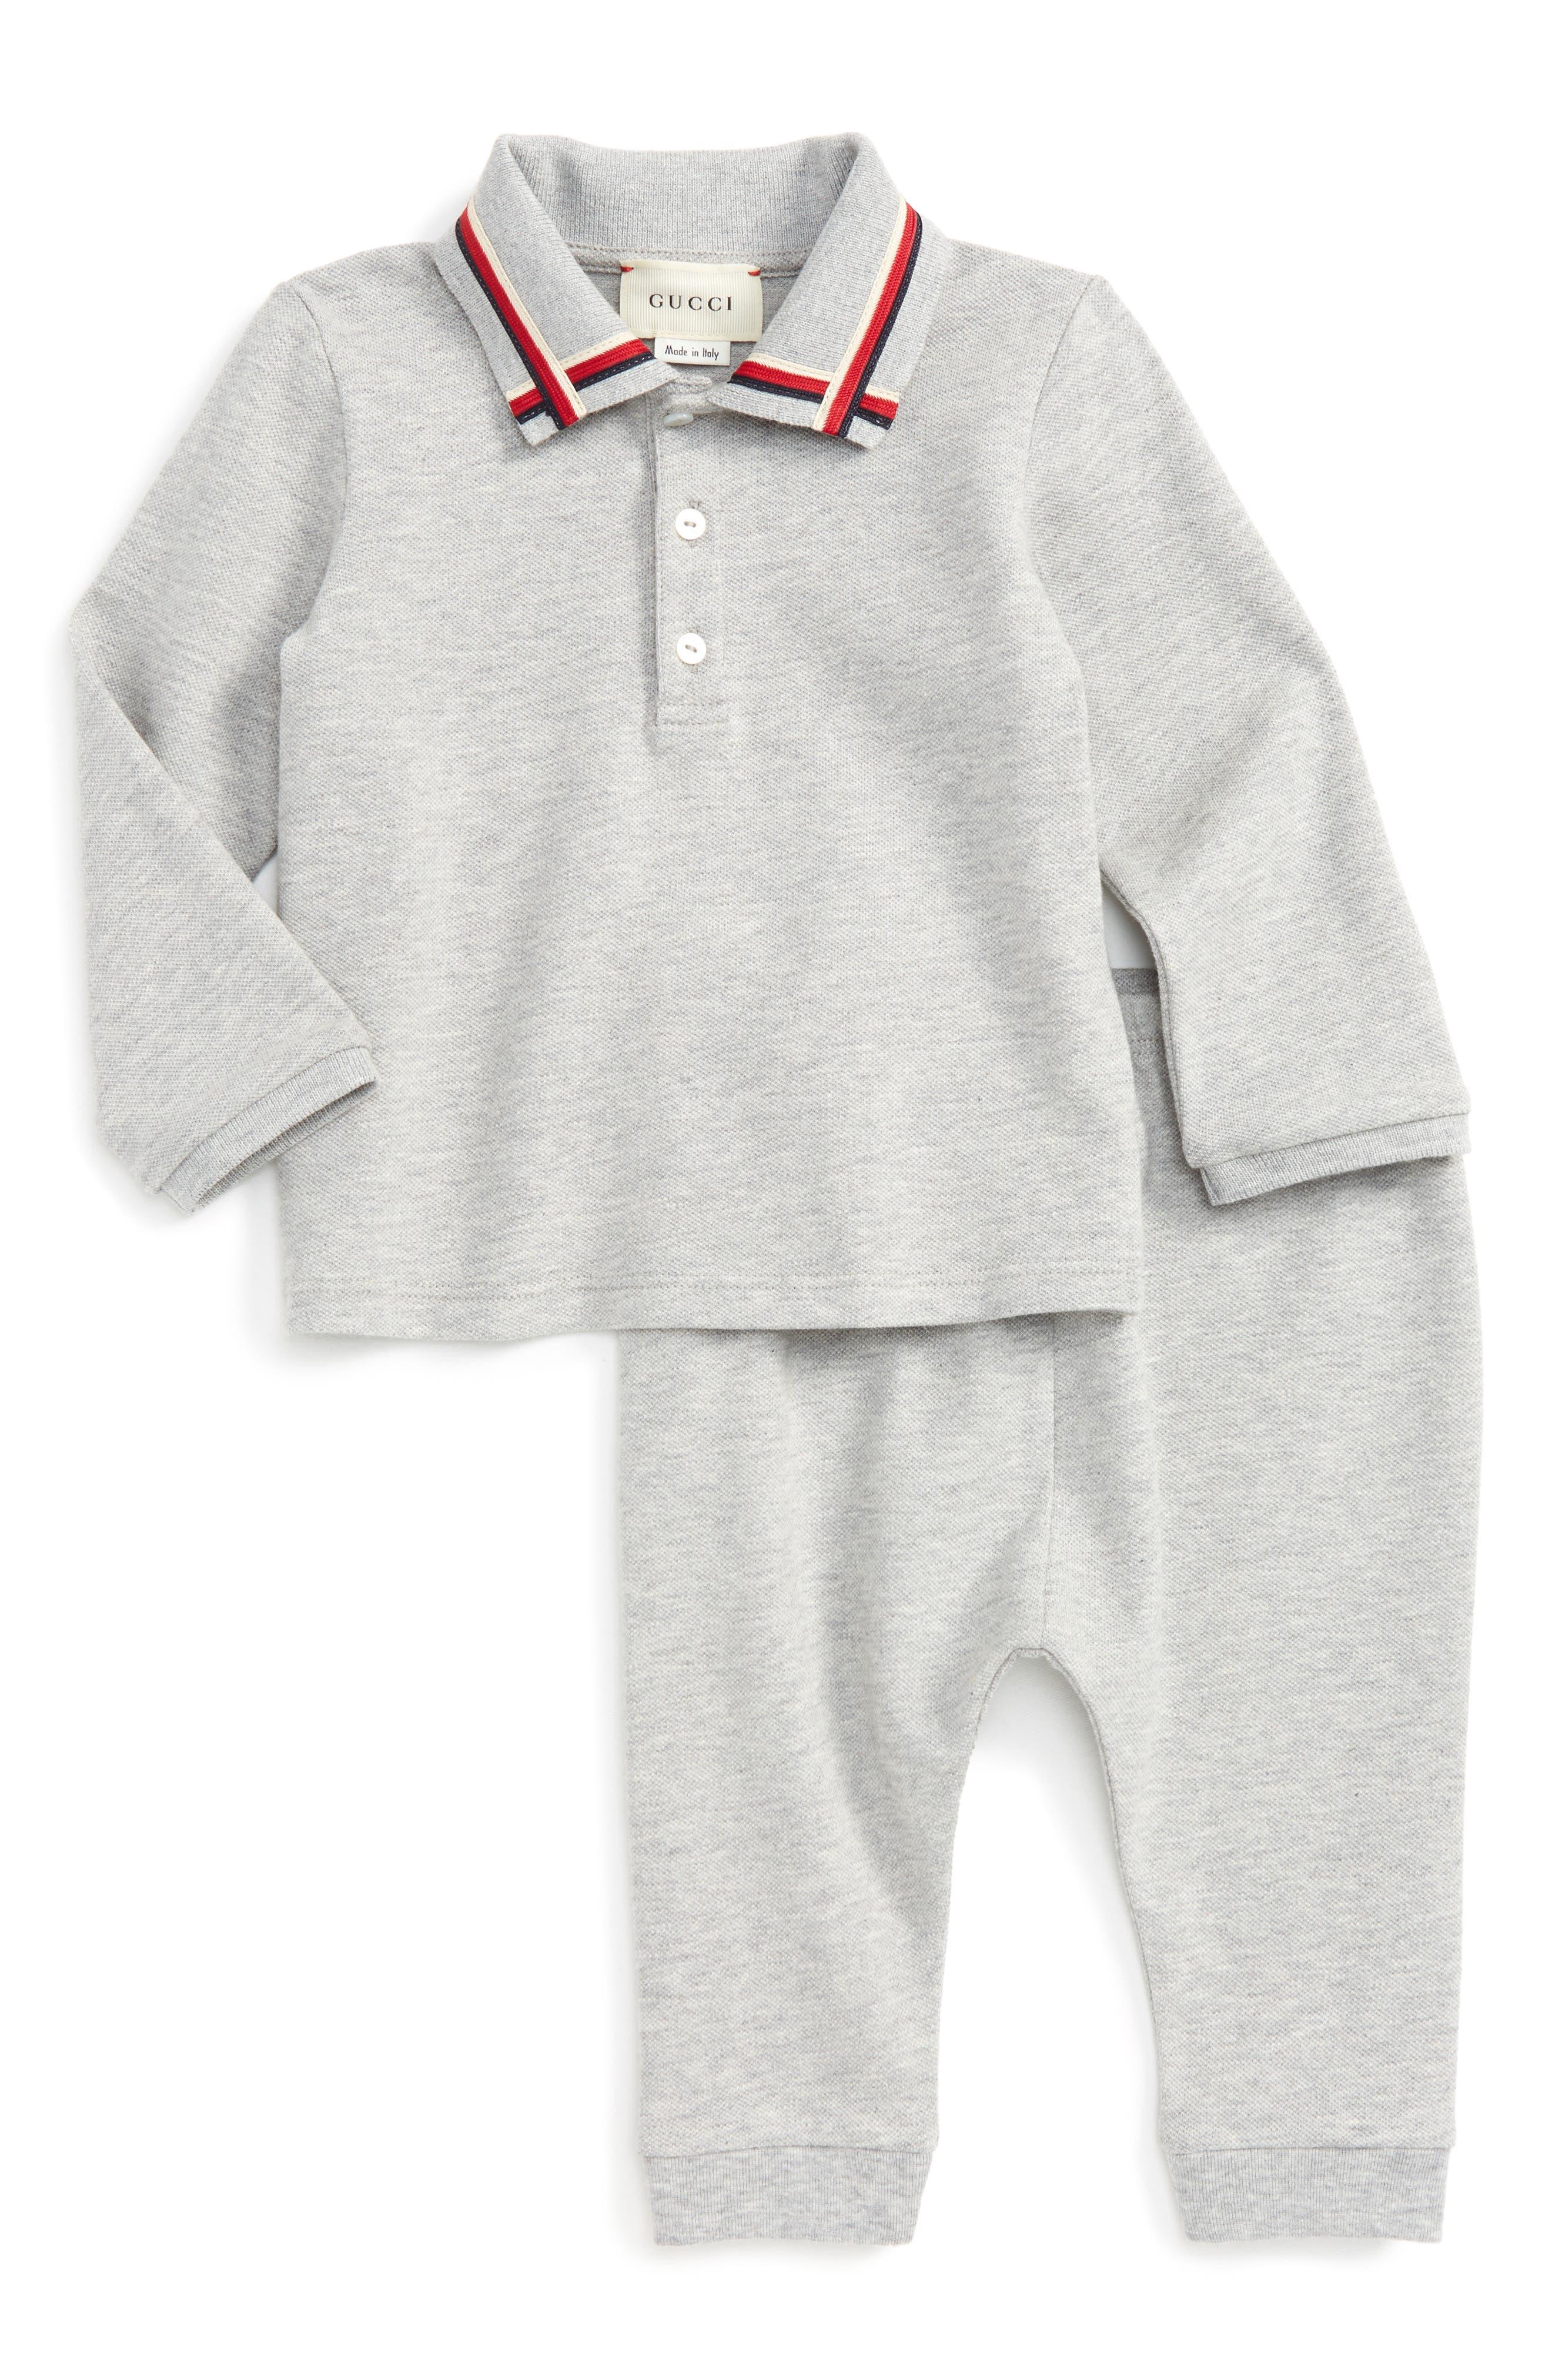 Polo & Pants Set,                         Main,                         color, 052